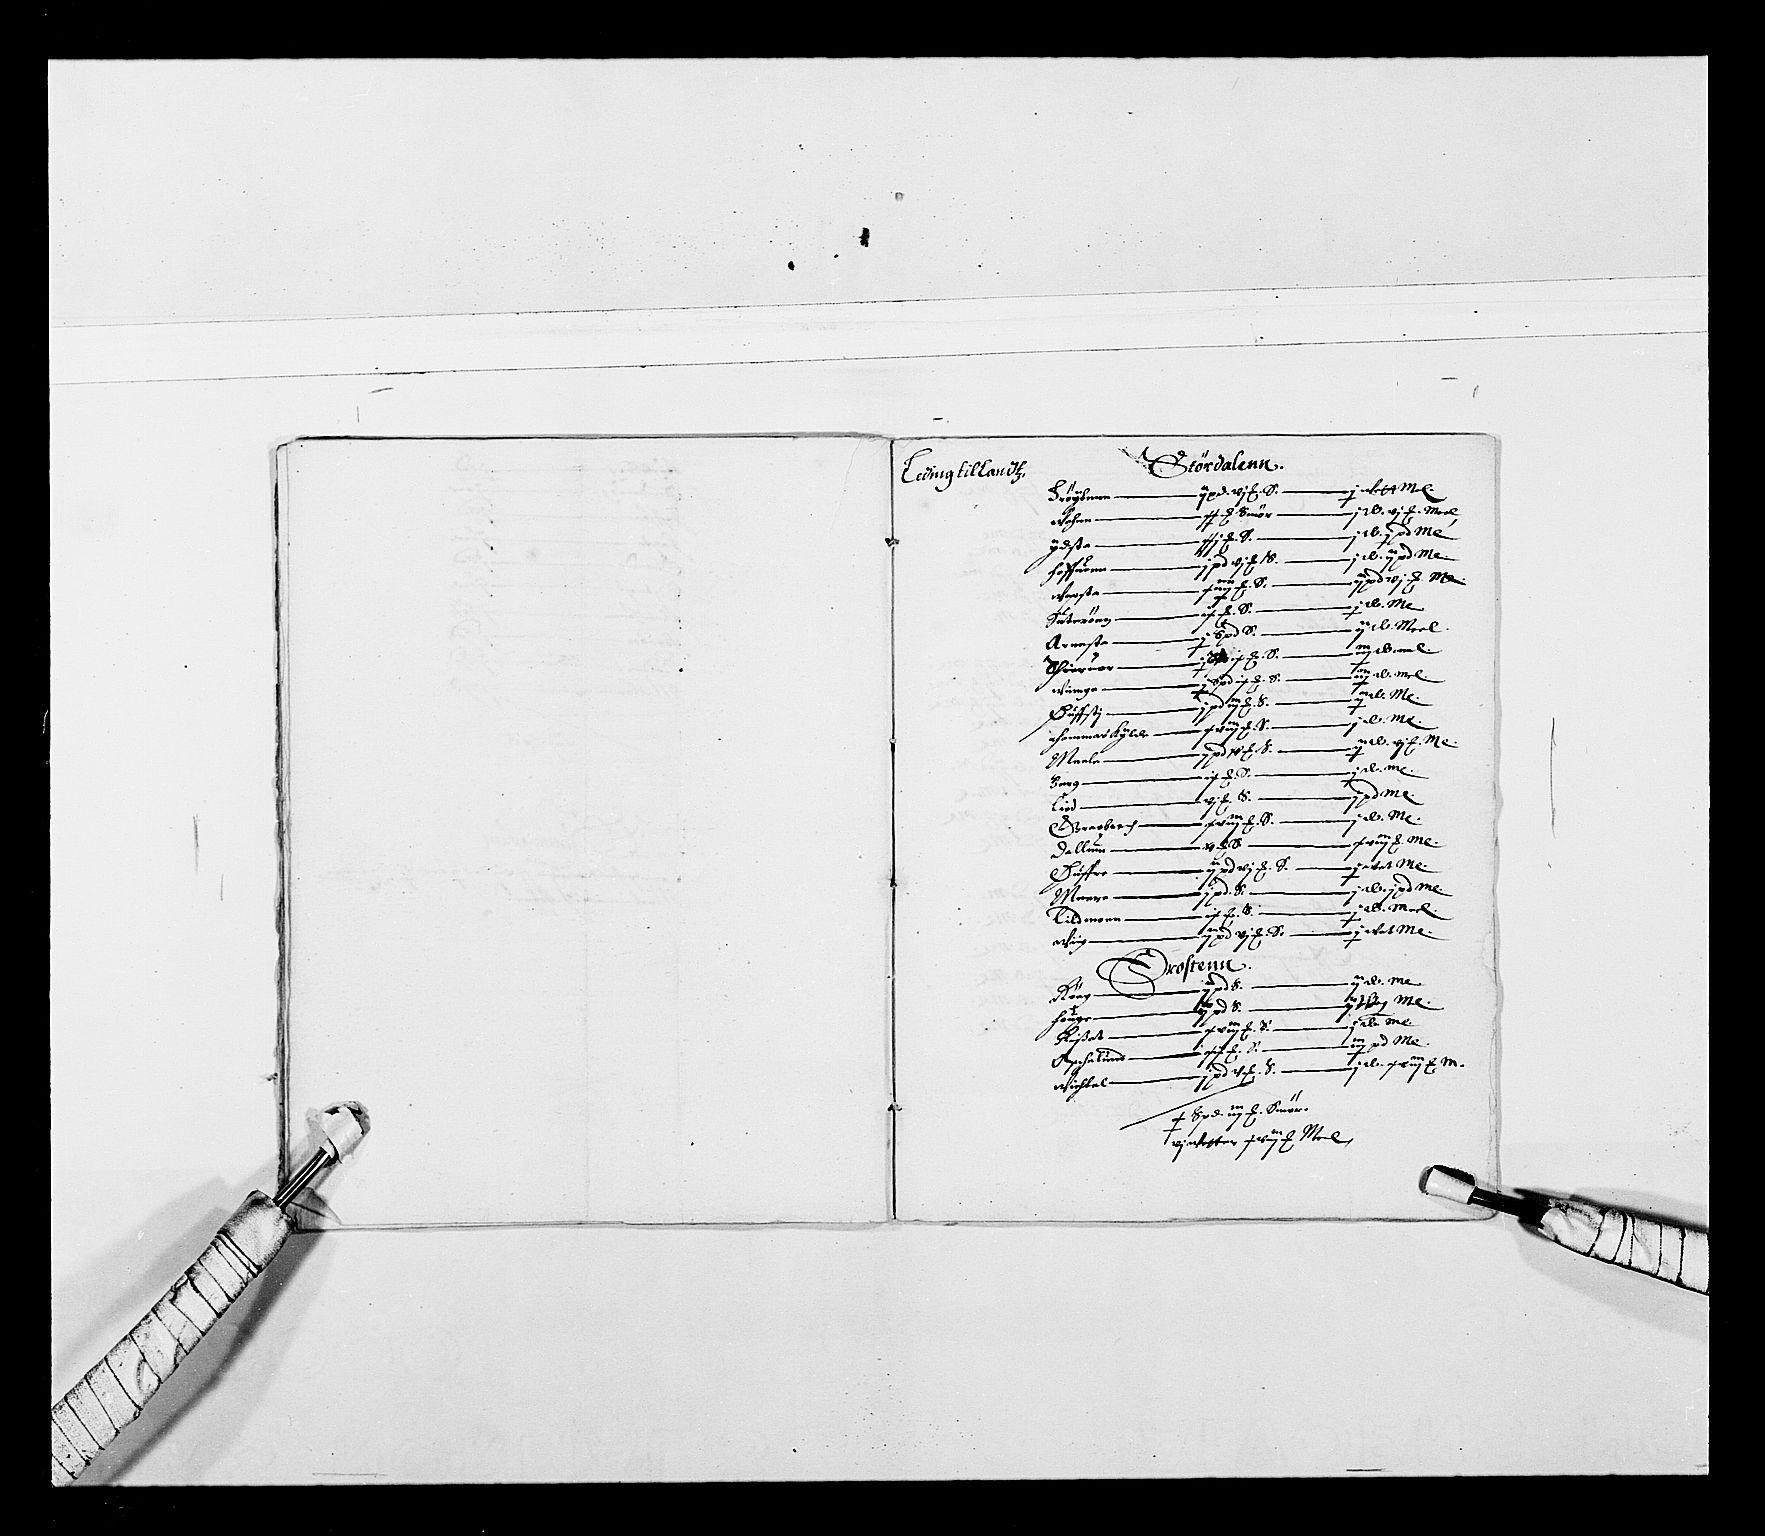 RA, Stattholderembetet 1572-1771, Ek/L0027: Jordebøker 1633-1658:, 1644-1645, s. 46